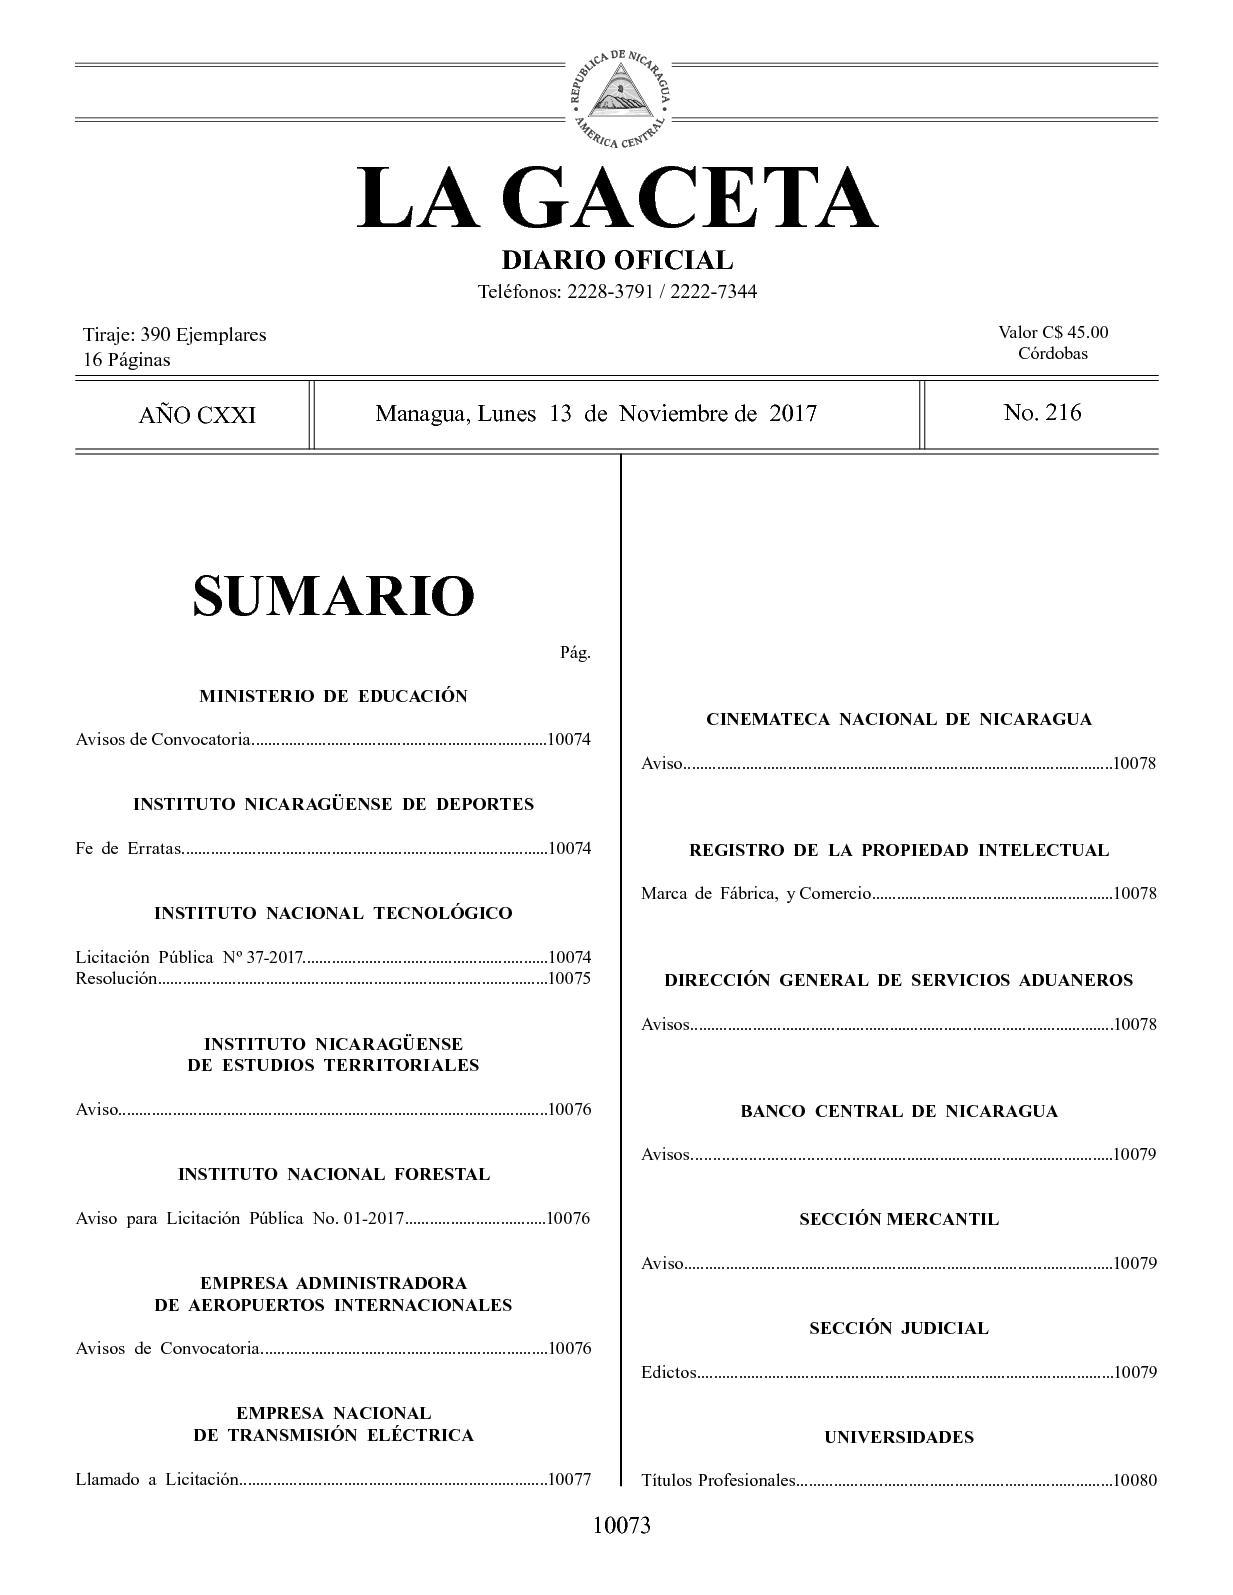 Gaceta No 216 Lunes 13 De Noviembre De 2017